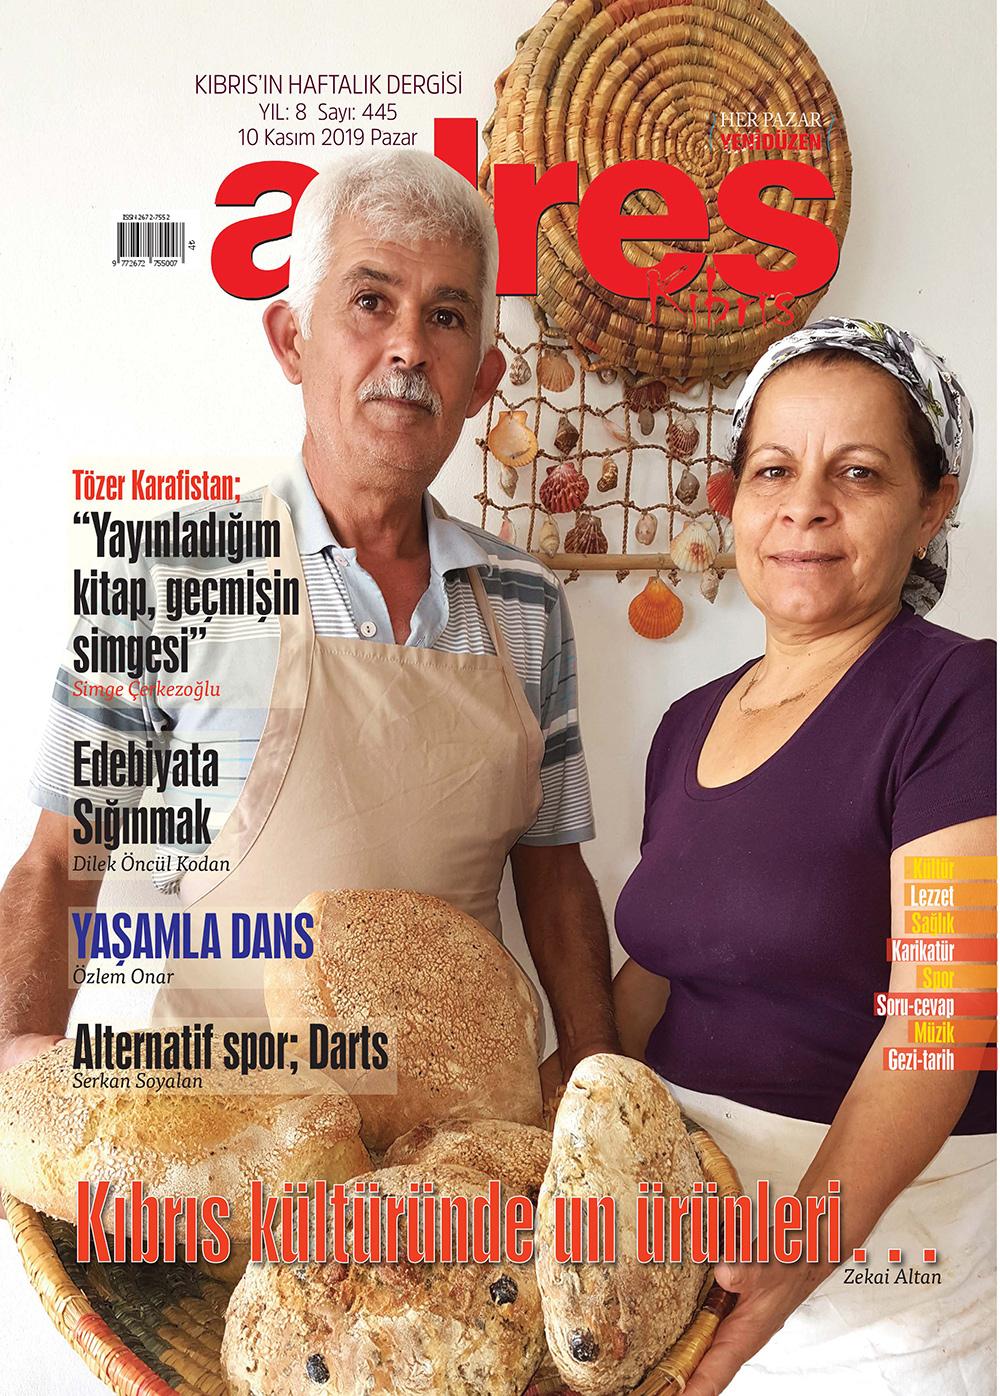 Adres Kıbrıs 445 Sayısı ISSN 2672-7560